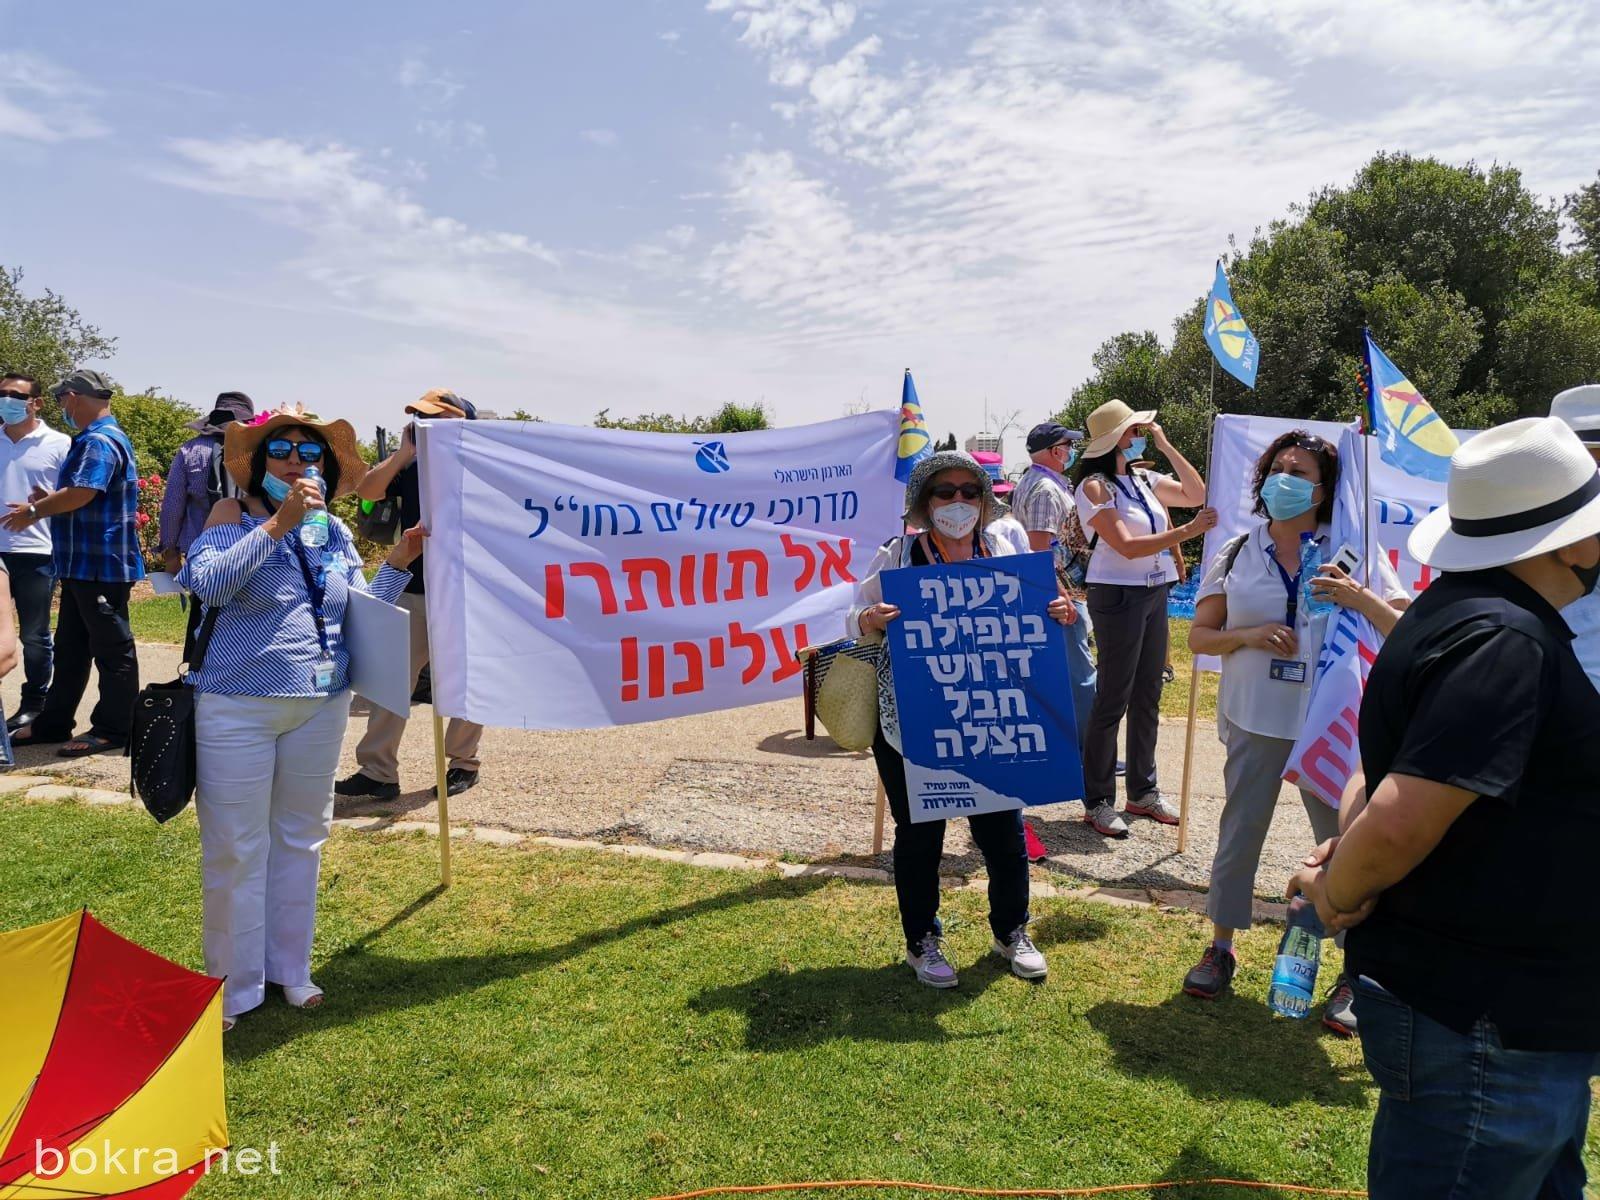 القدس: وقفة احتجاجية تطالب الحكومة بالاهتمام بقطاع السياحة والرحلات التربوية ودفع التعويضات